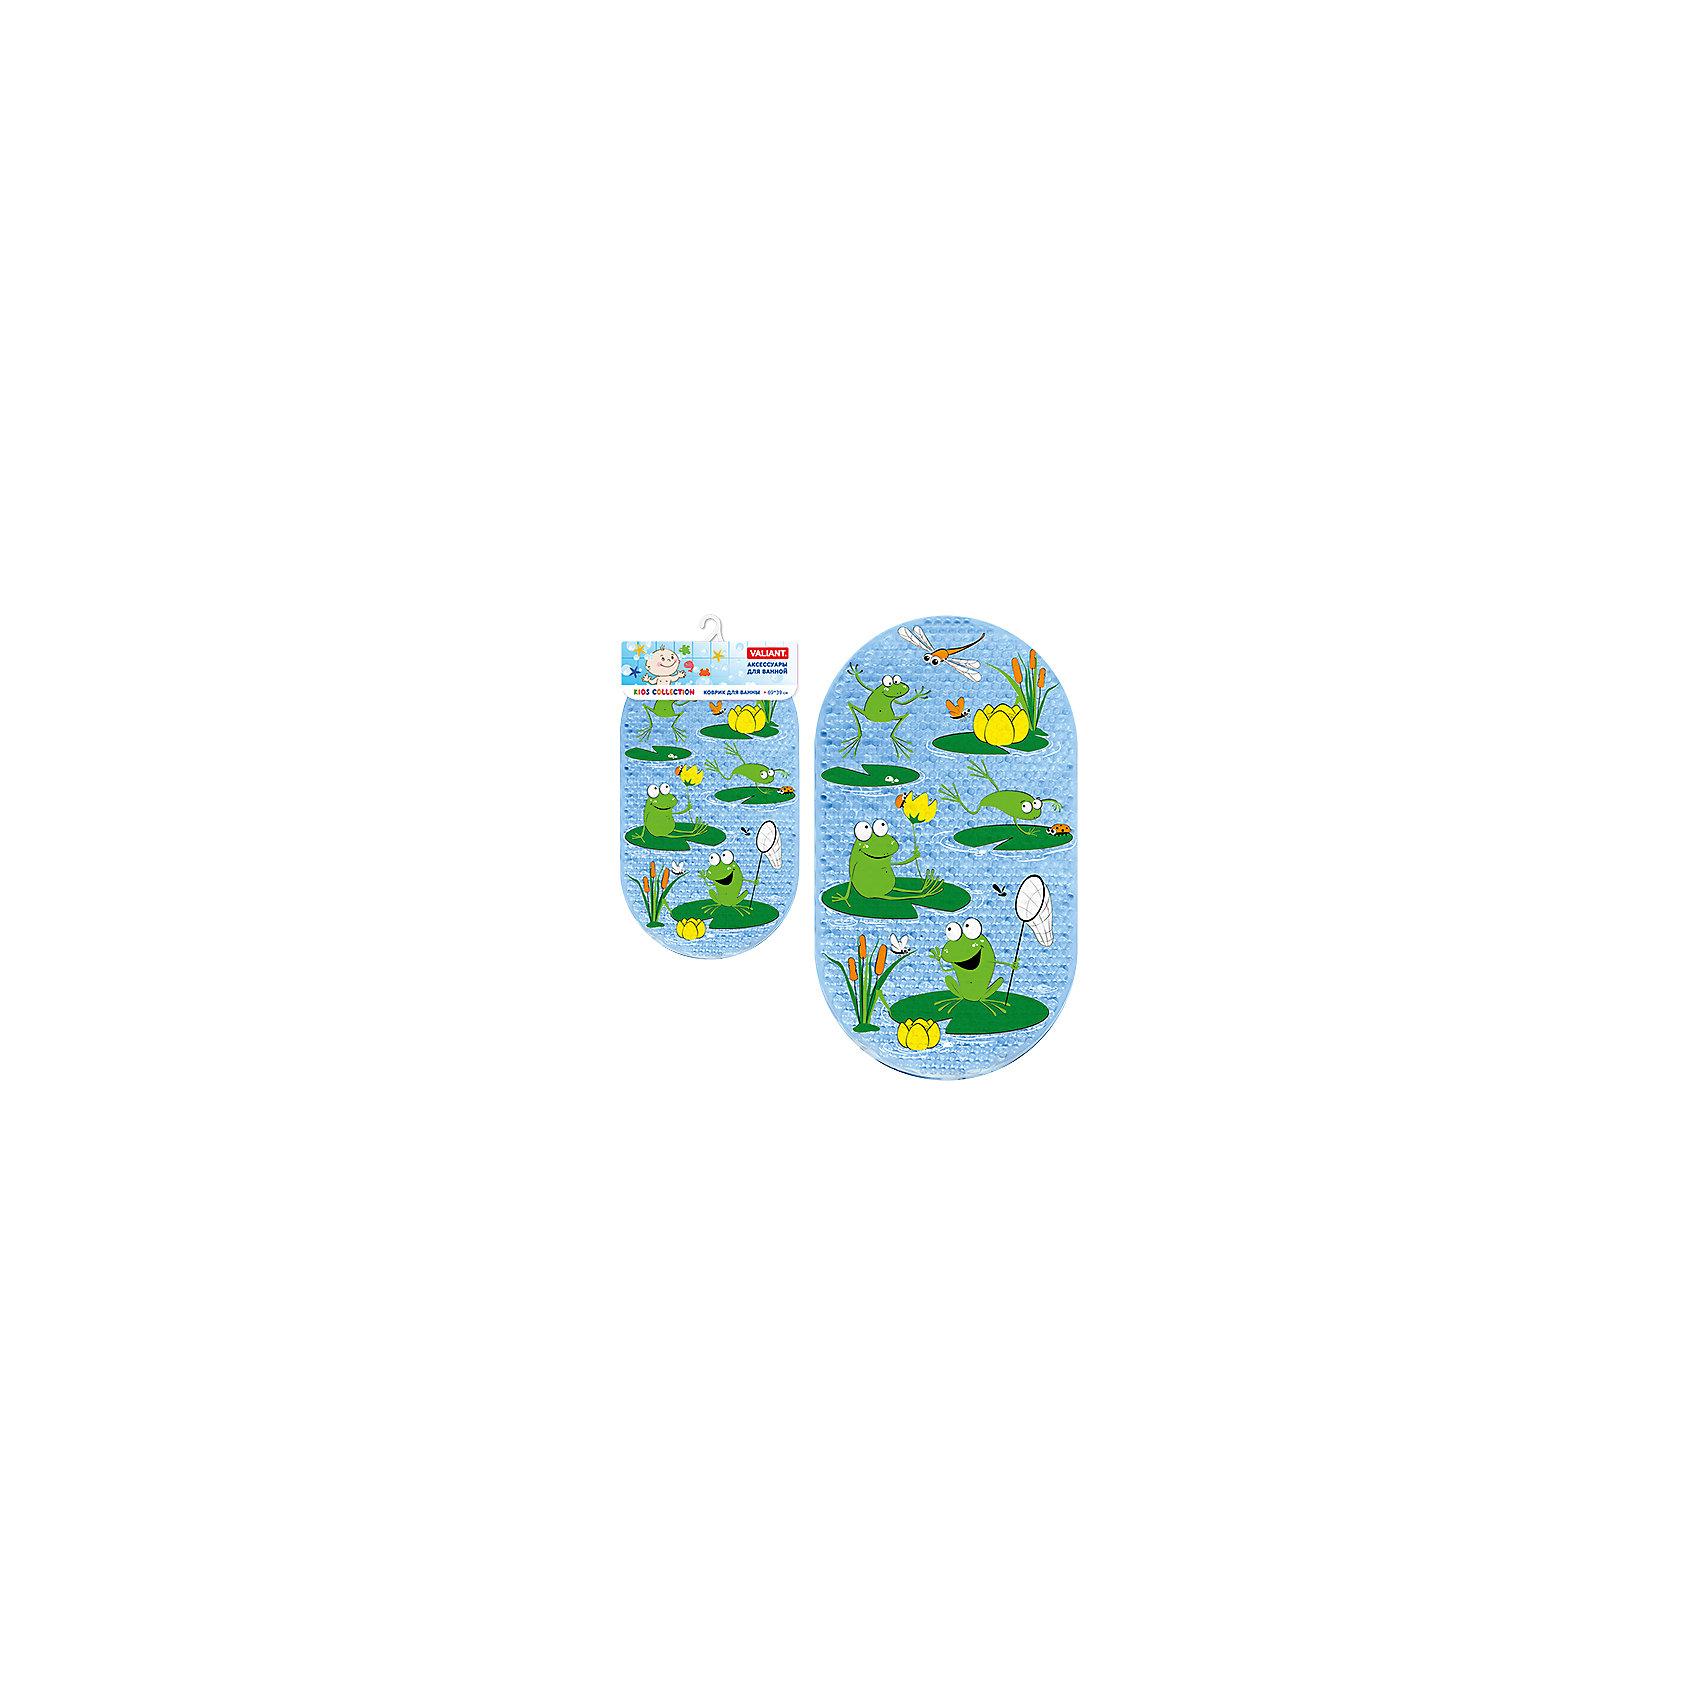 VALIANT Коврик для ванны Лягушата 69*39 см valiant коврик для ванны слоники 69 39см